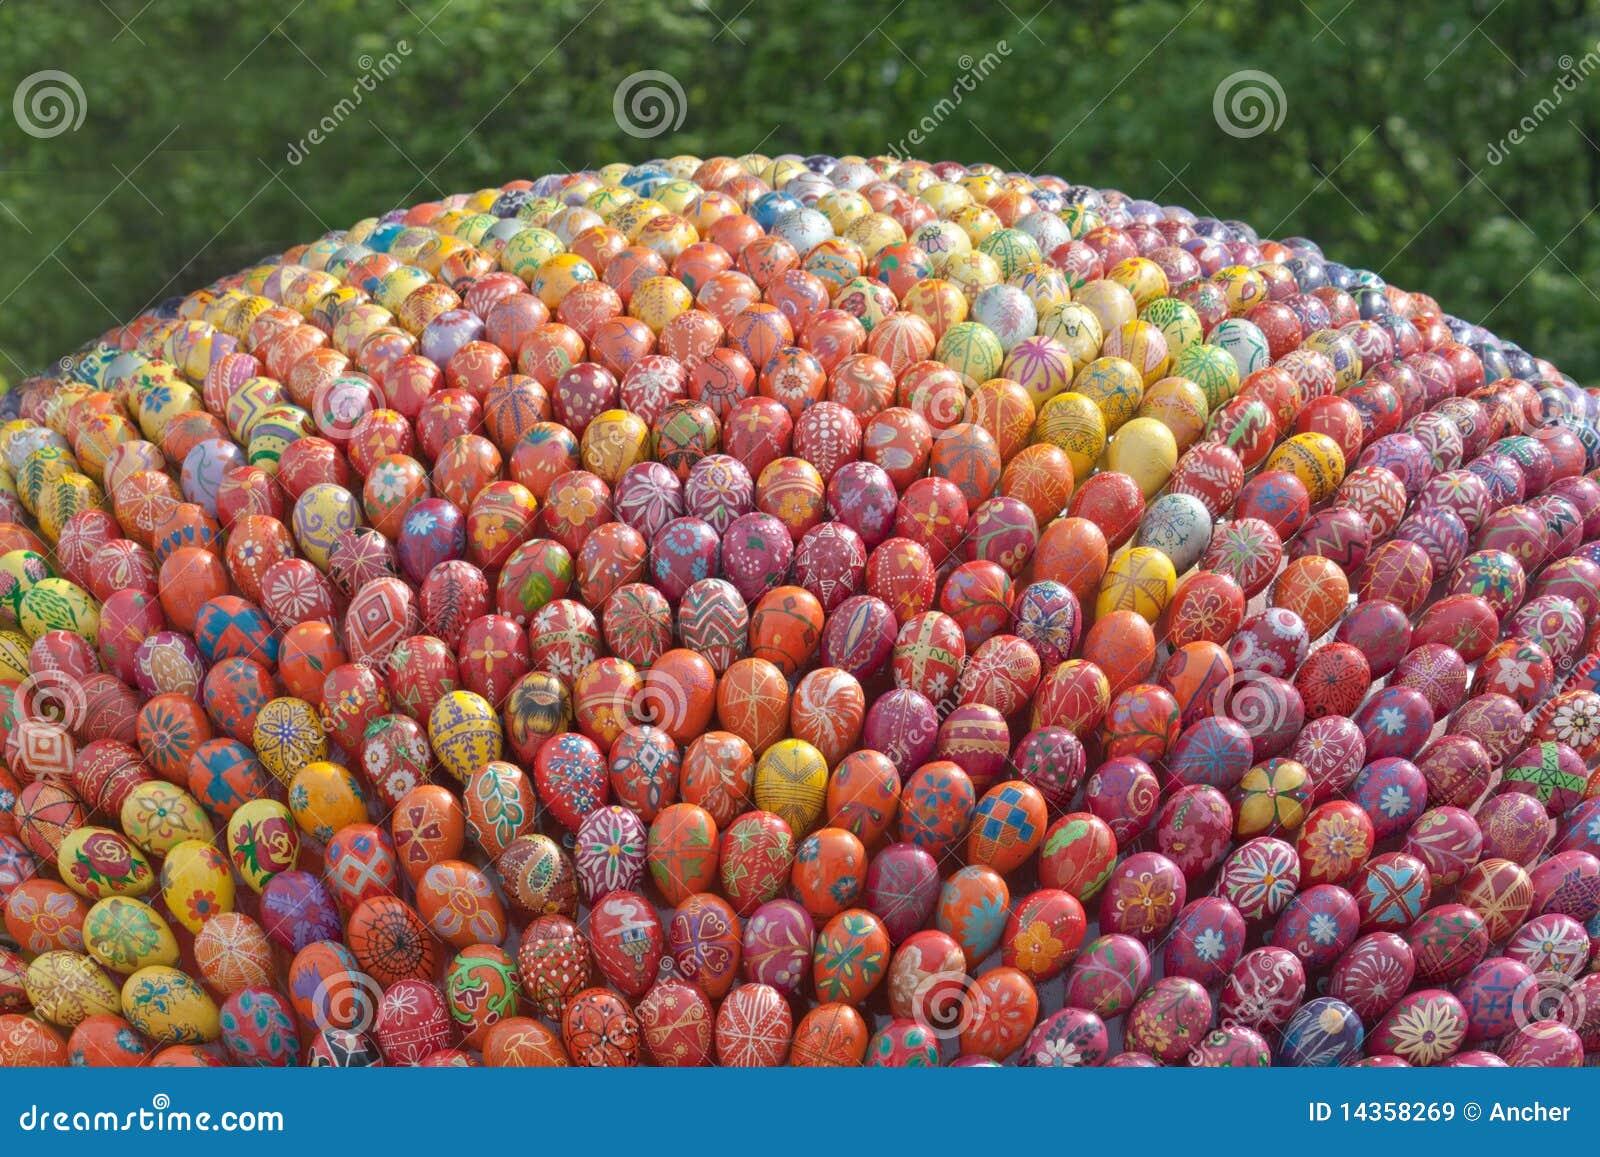 Uova di pasqua dipinte a mano variopinte immagini stock - Uova di pasqua decorati a mano ...